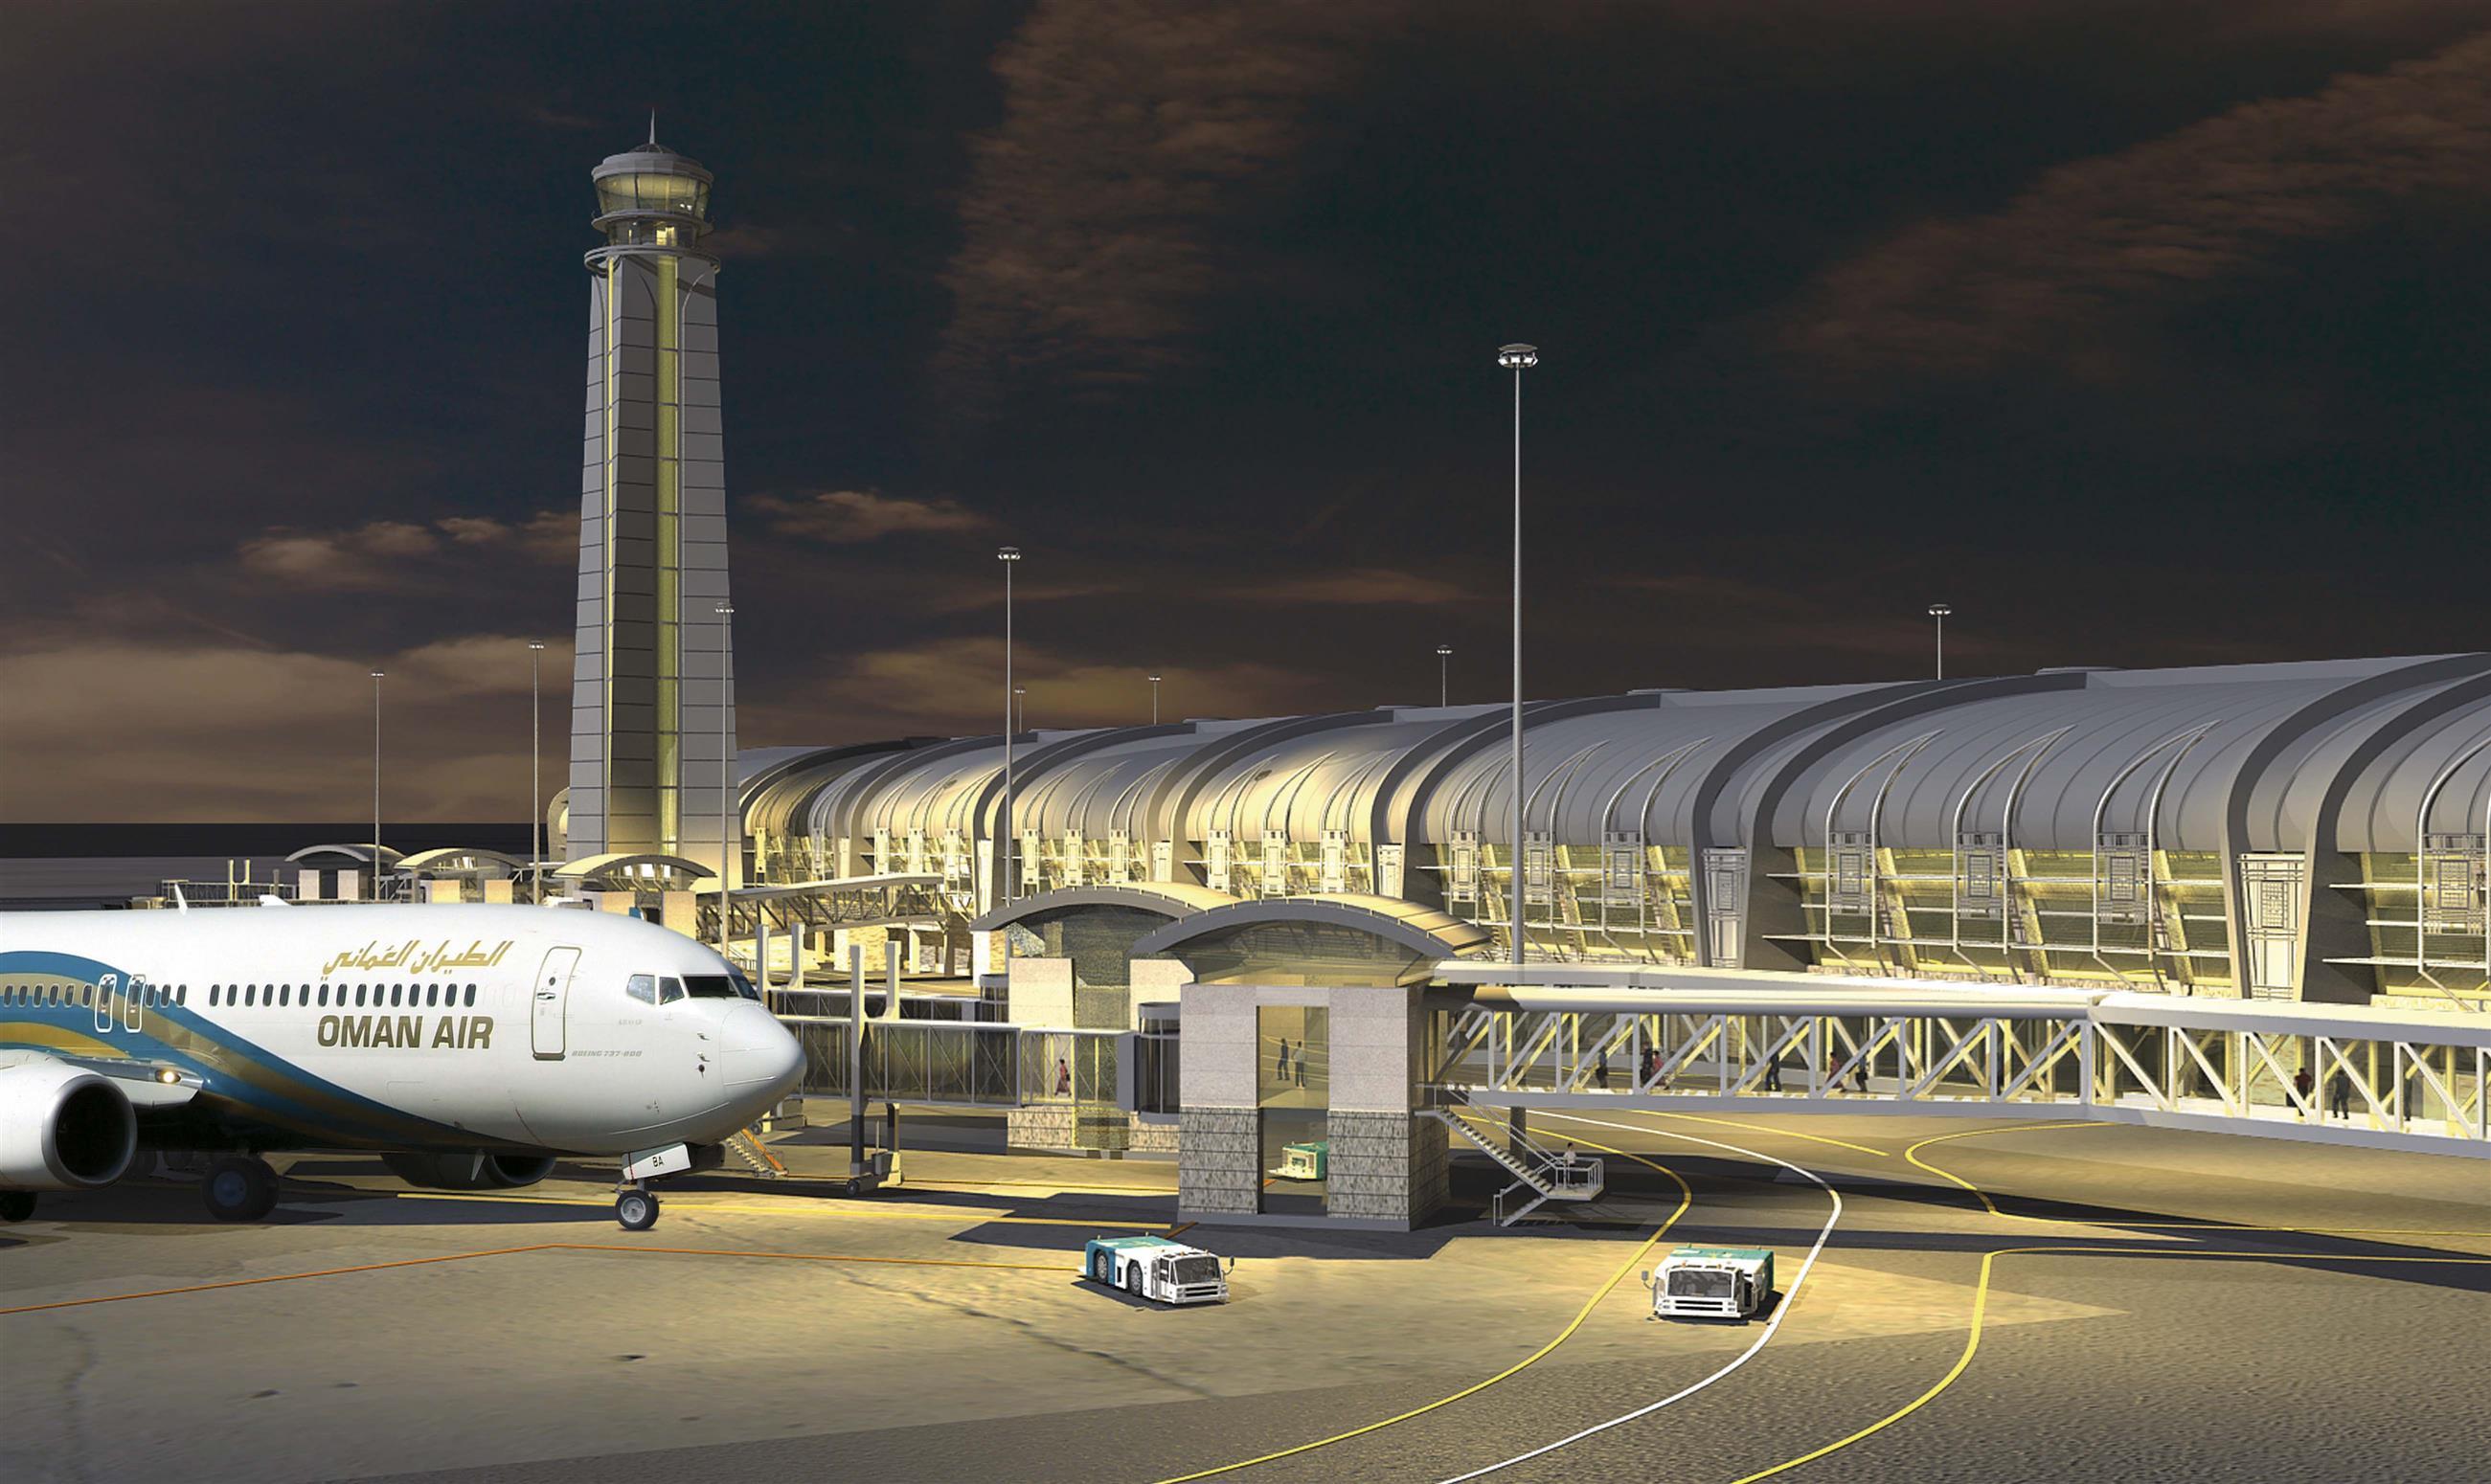 أكثر من مليون ونصف المغادرون والقادمون لمطار مسقط حتى يناير الفائت والهنود في المرتبة الأولى